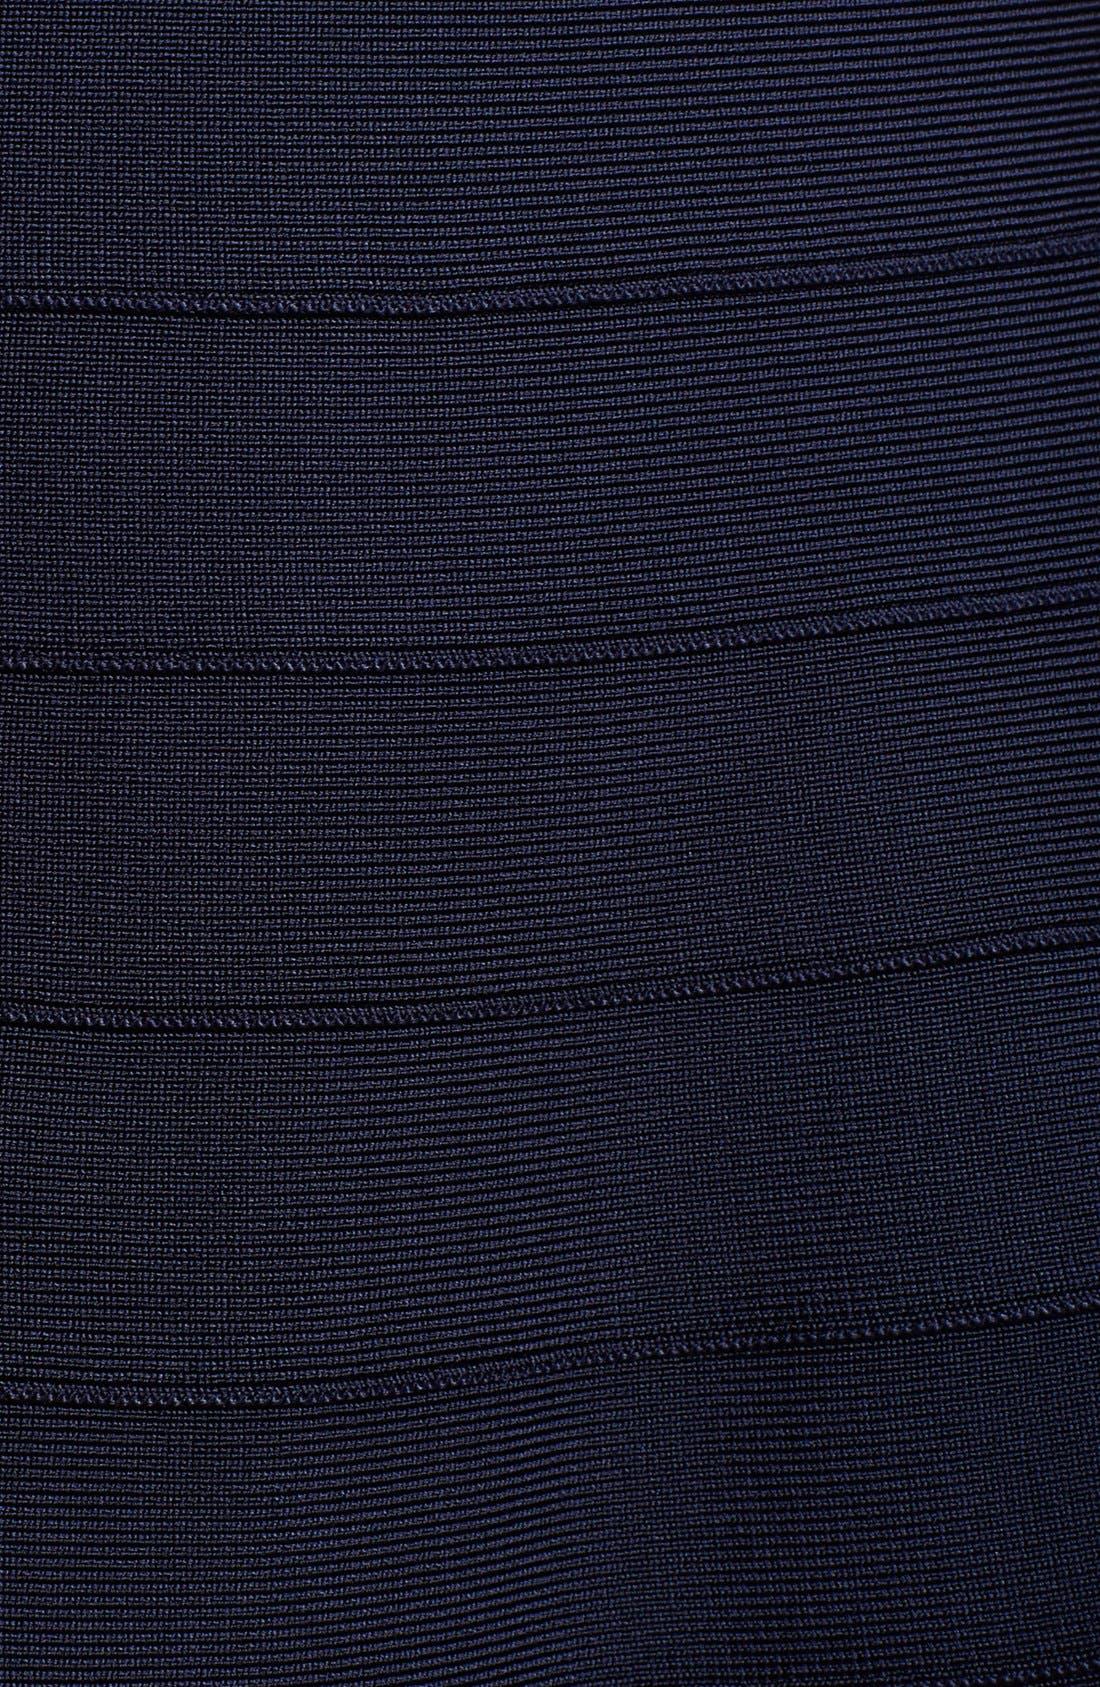 Alternate Image 3  - Herve Leger One-Shoulder A-Line Dress